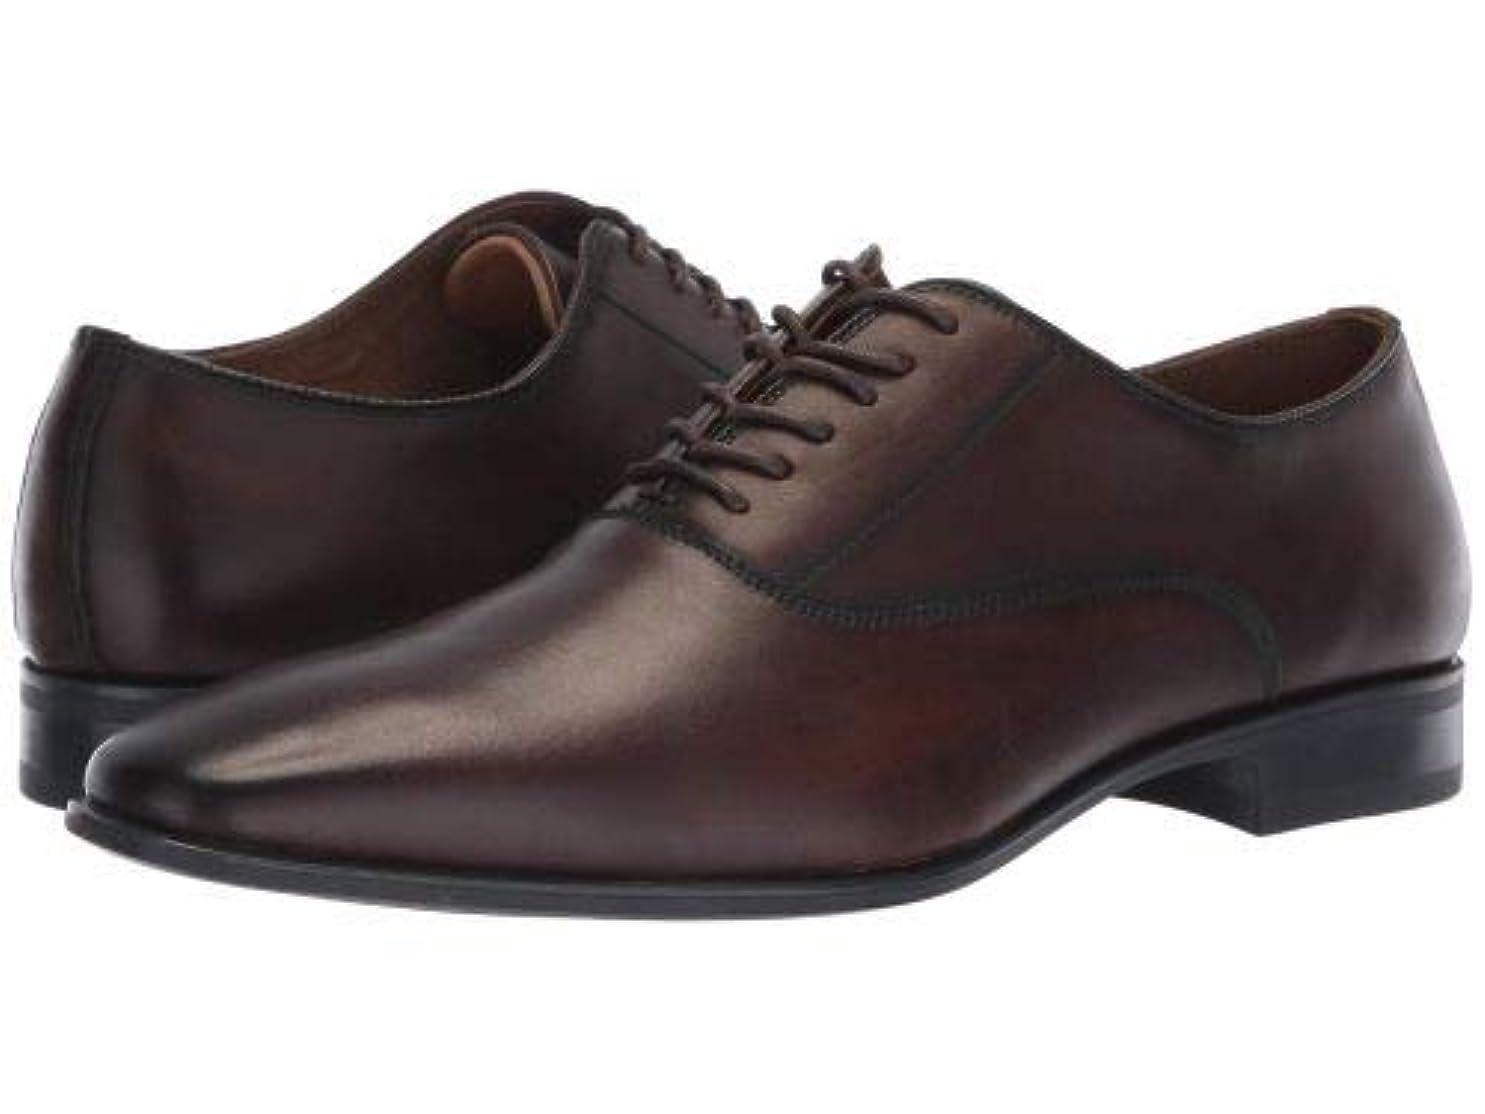 スチュアート島コウモリ意見Aldo(アルド) メンズ 男性用 シューズ 靴 オックスフォード 紳士靴 通勤靴 Ocilawet - Dark Brown [並行輸入品]